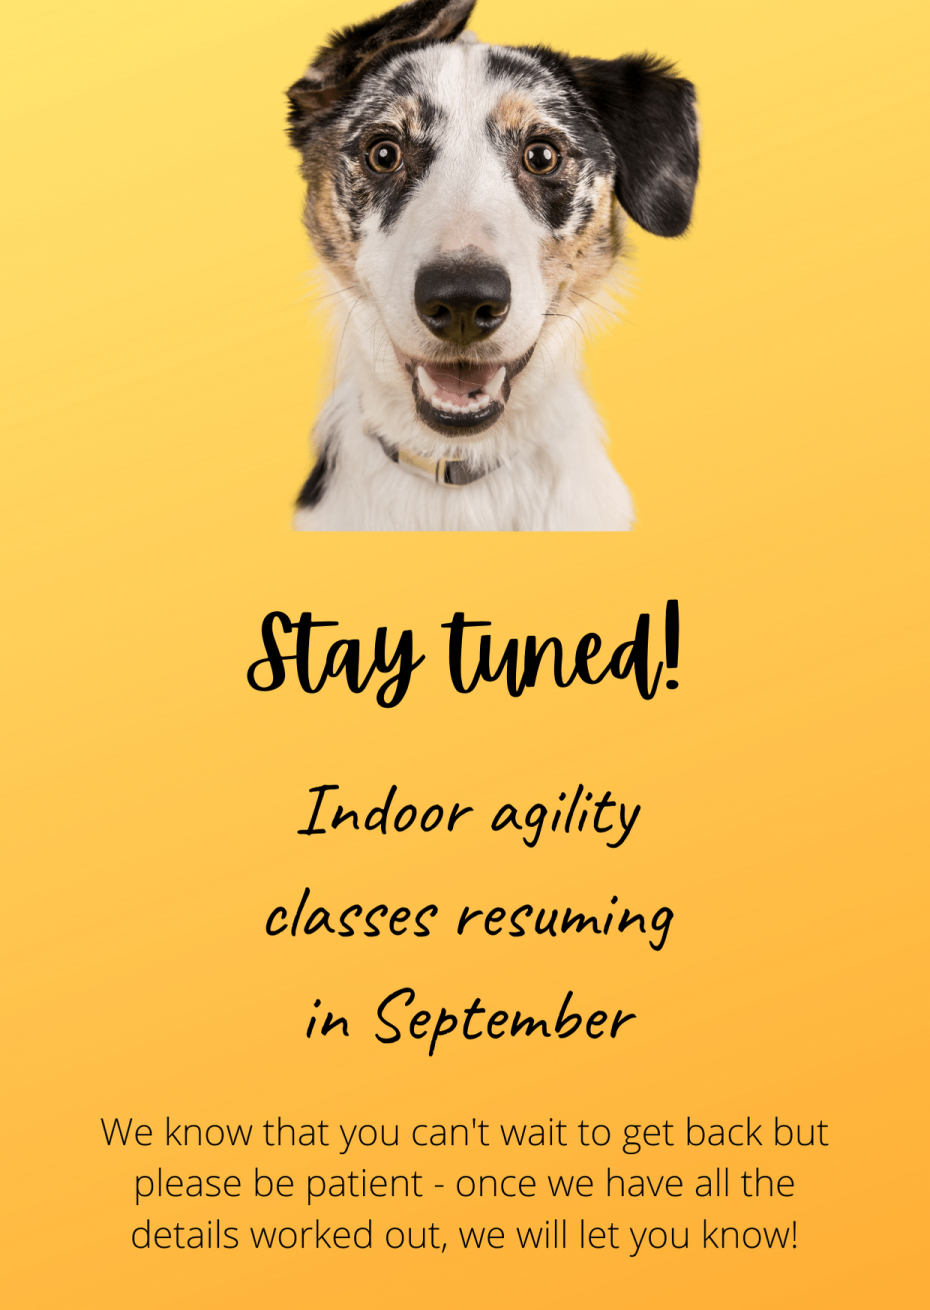 Agility training to restart in September